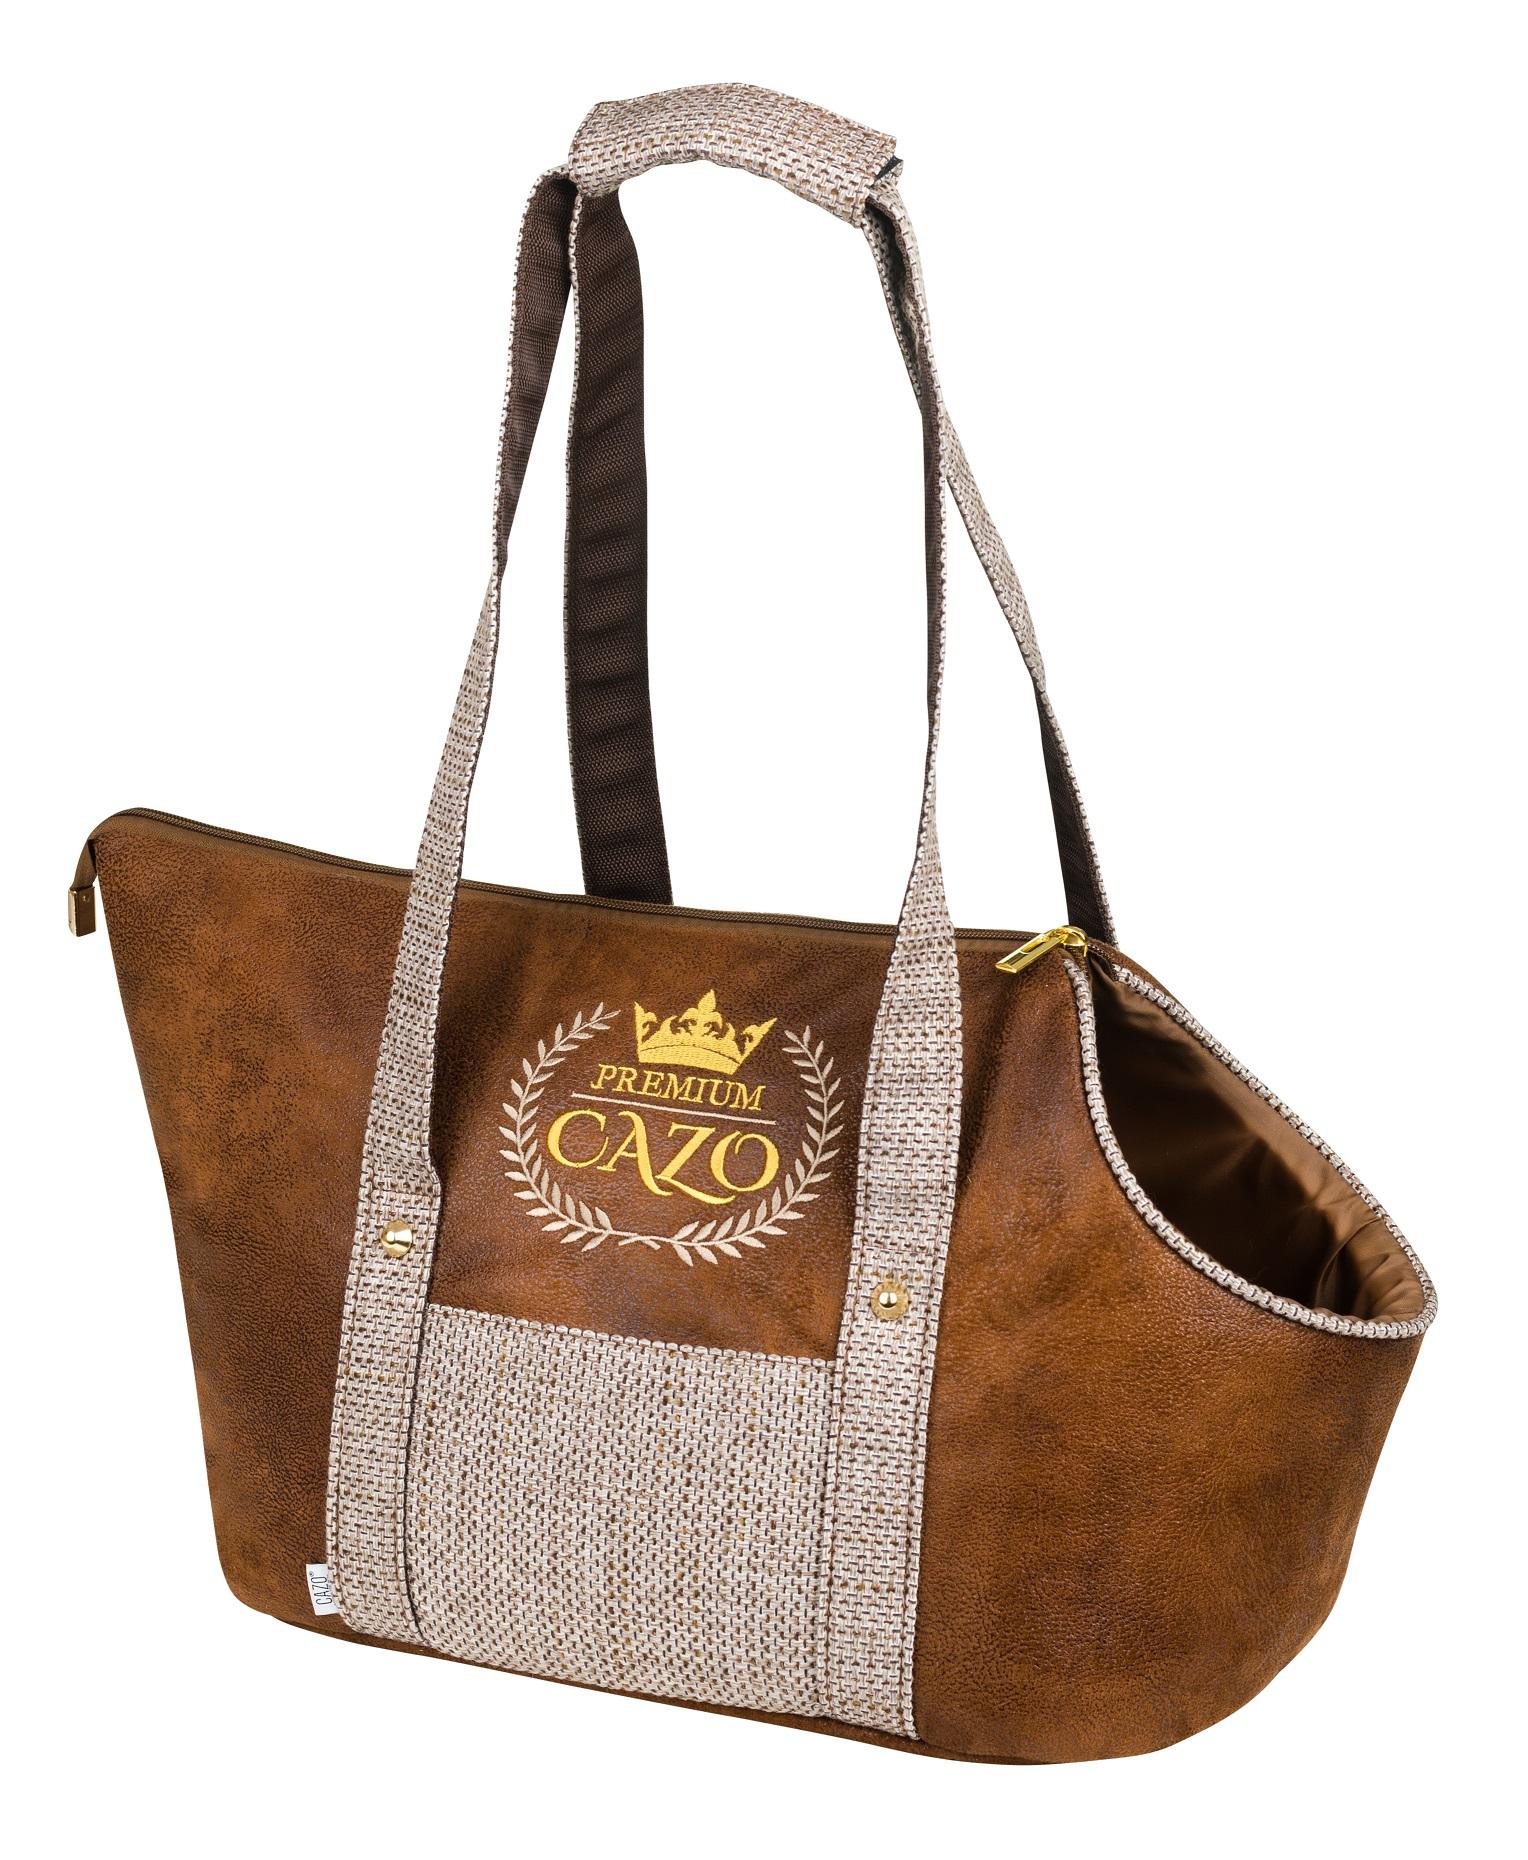 20056f08f4 Taška pre psíka Cazo Premium